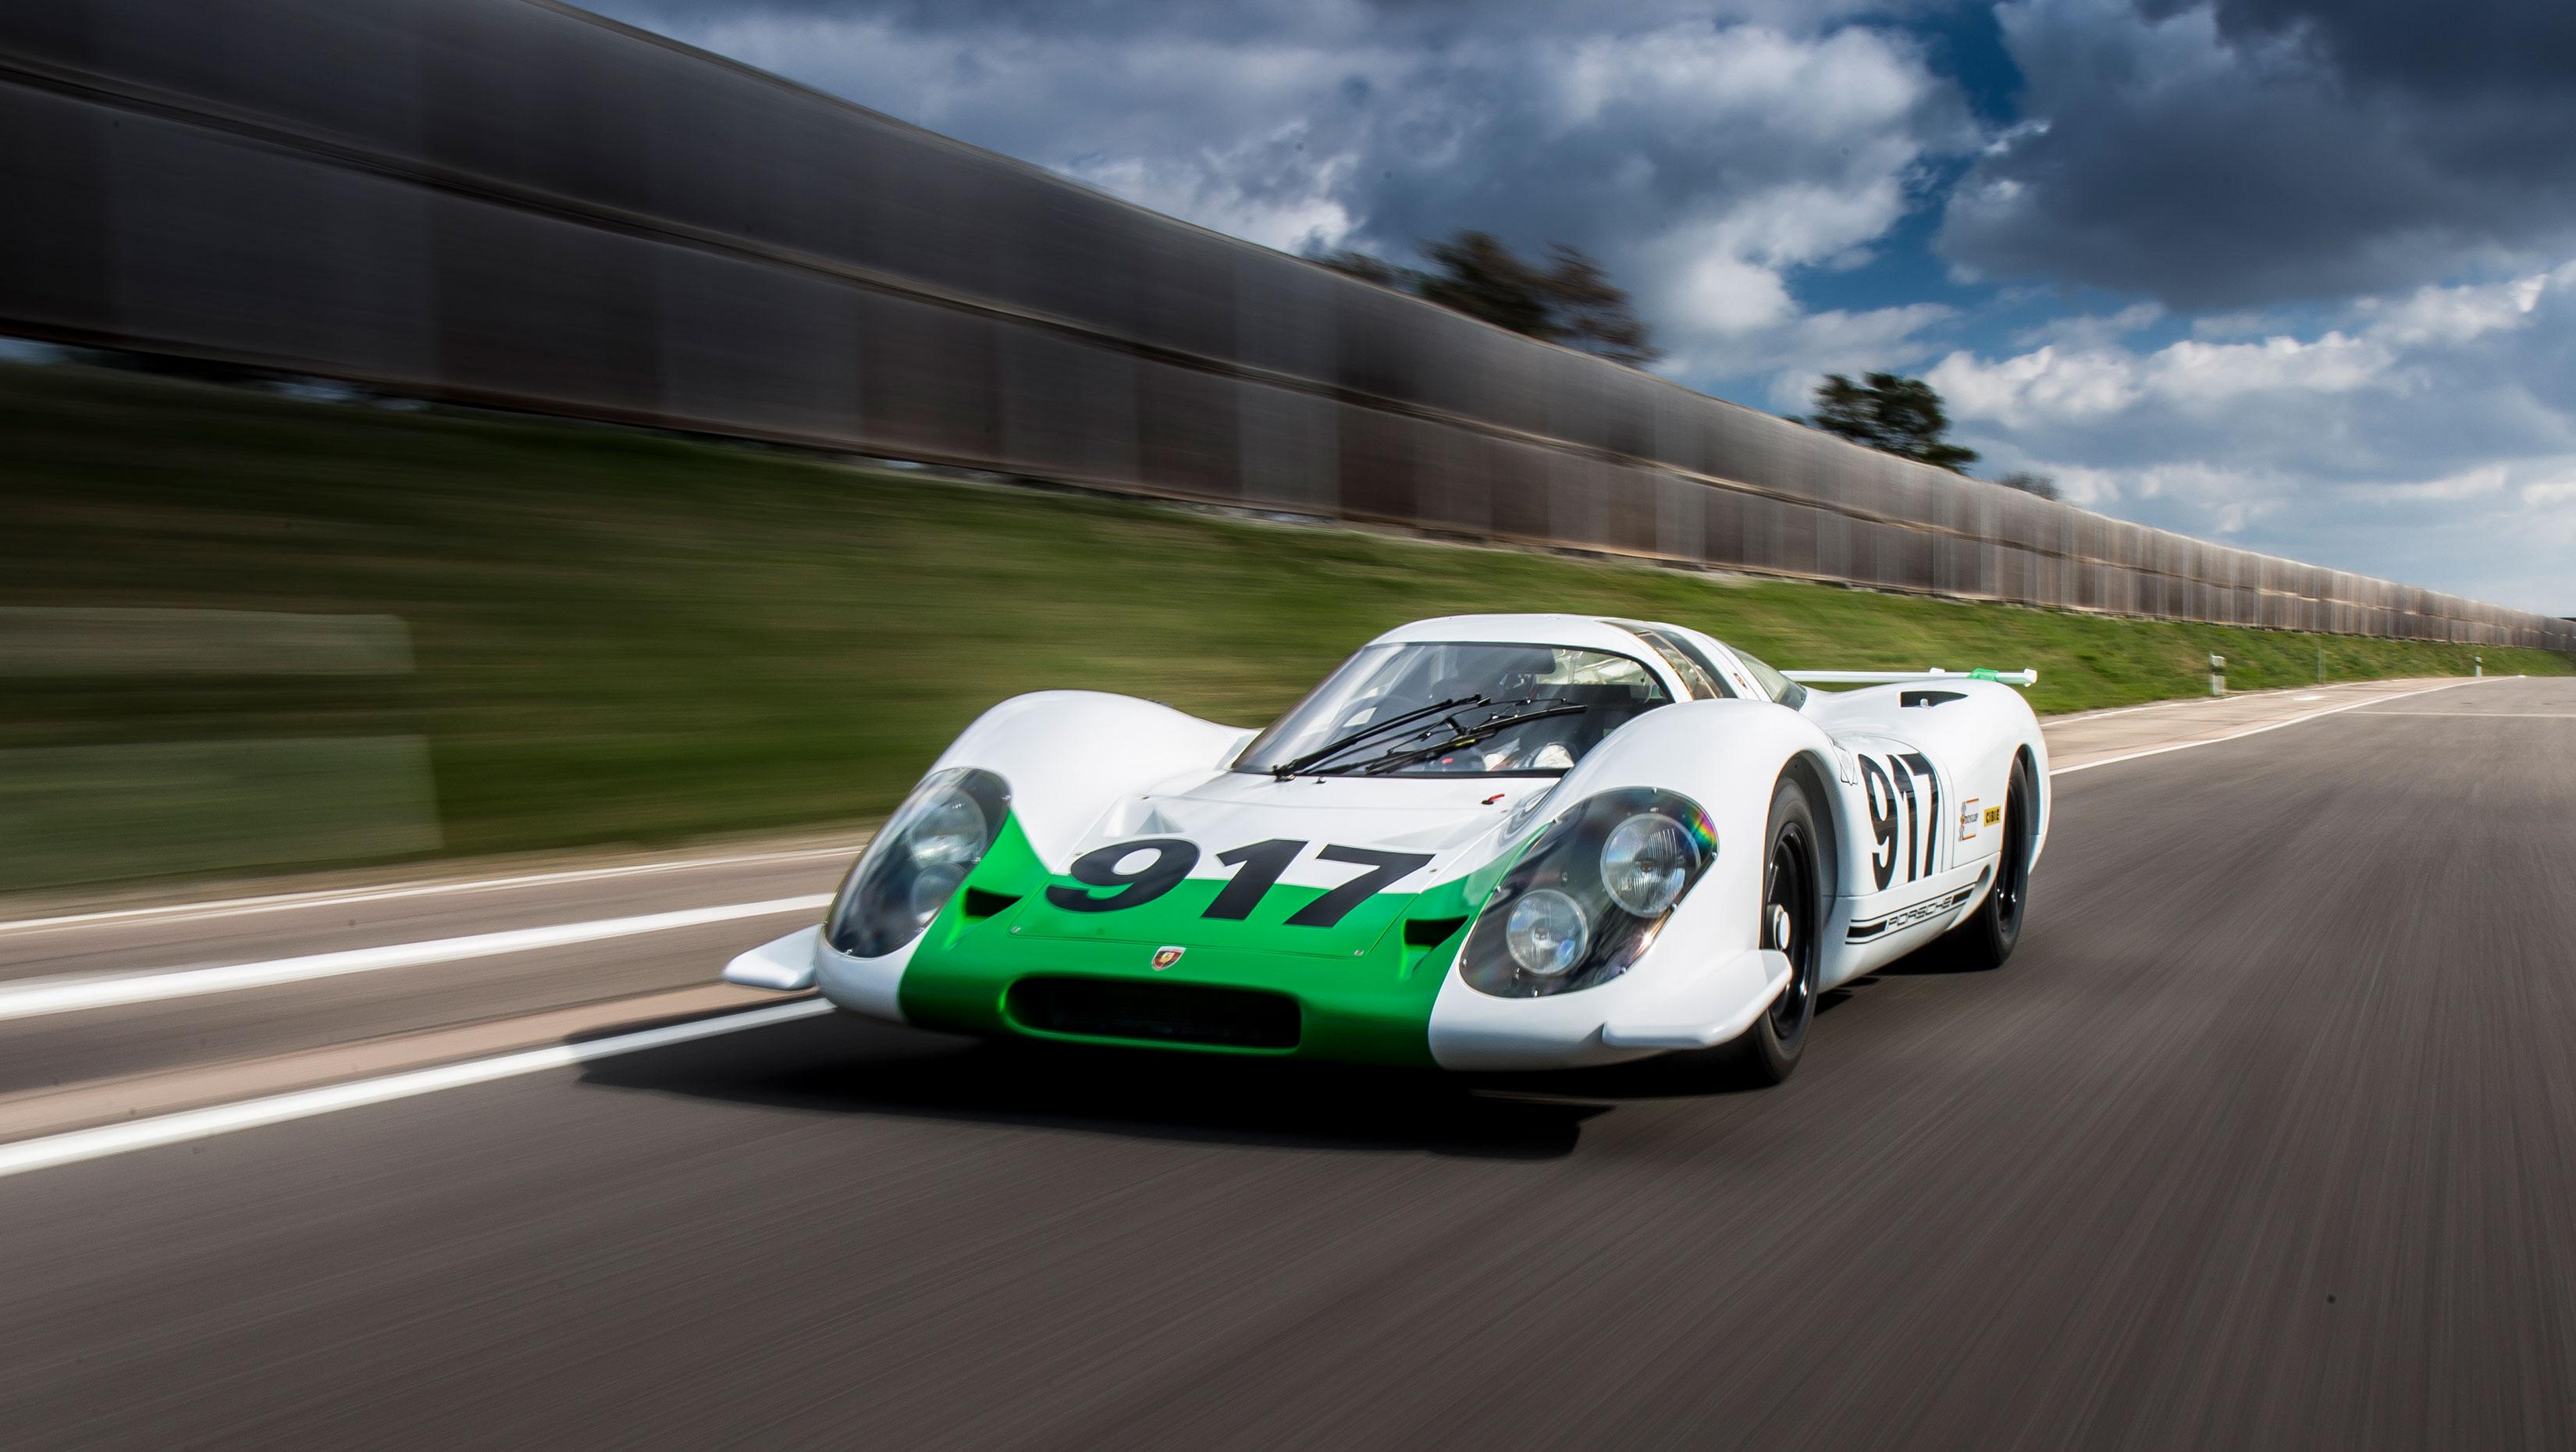 Porsche 917 driving